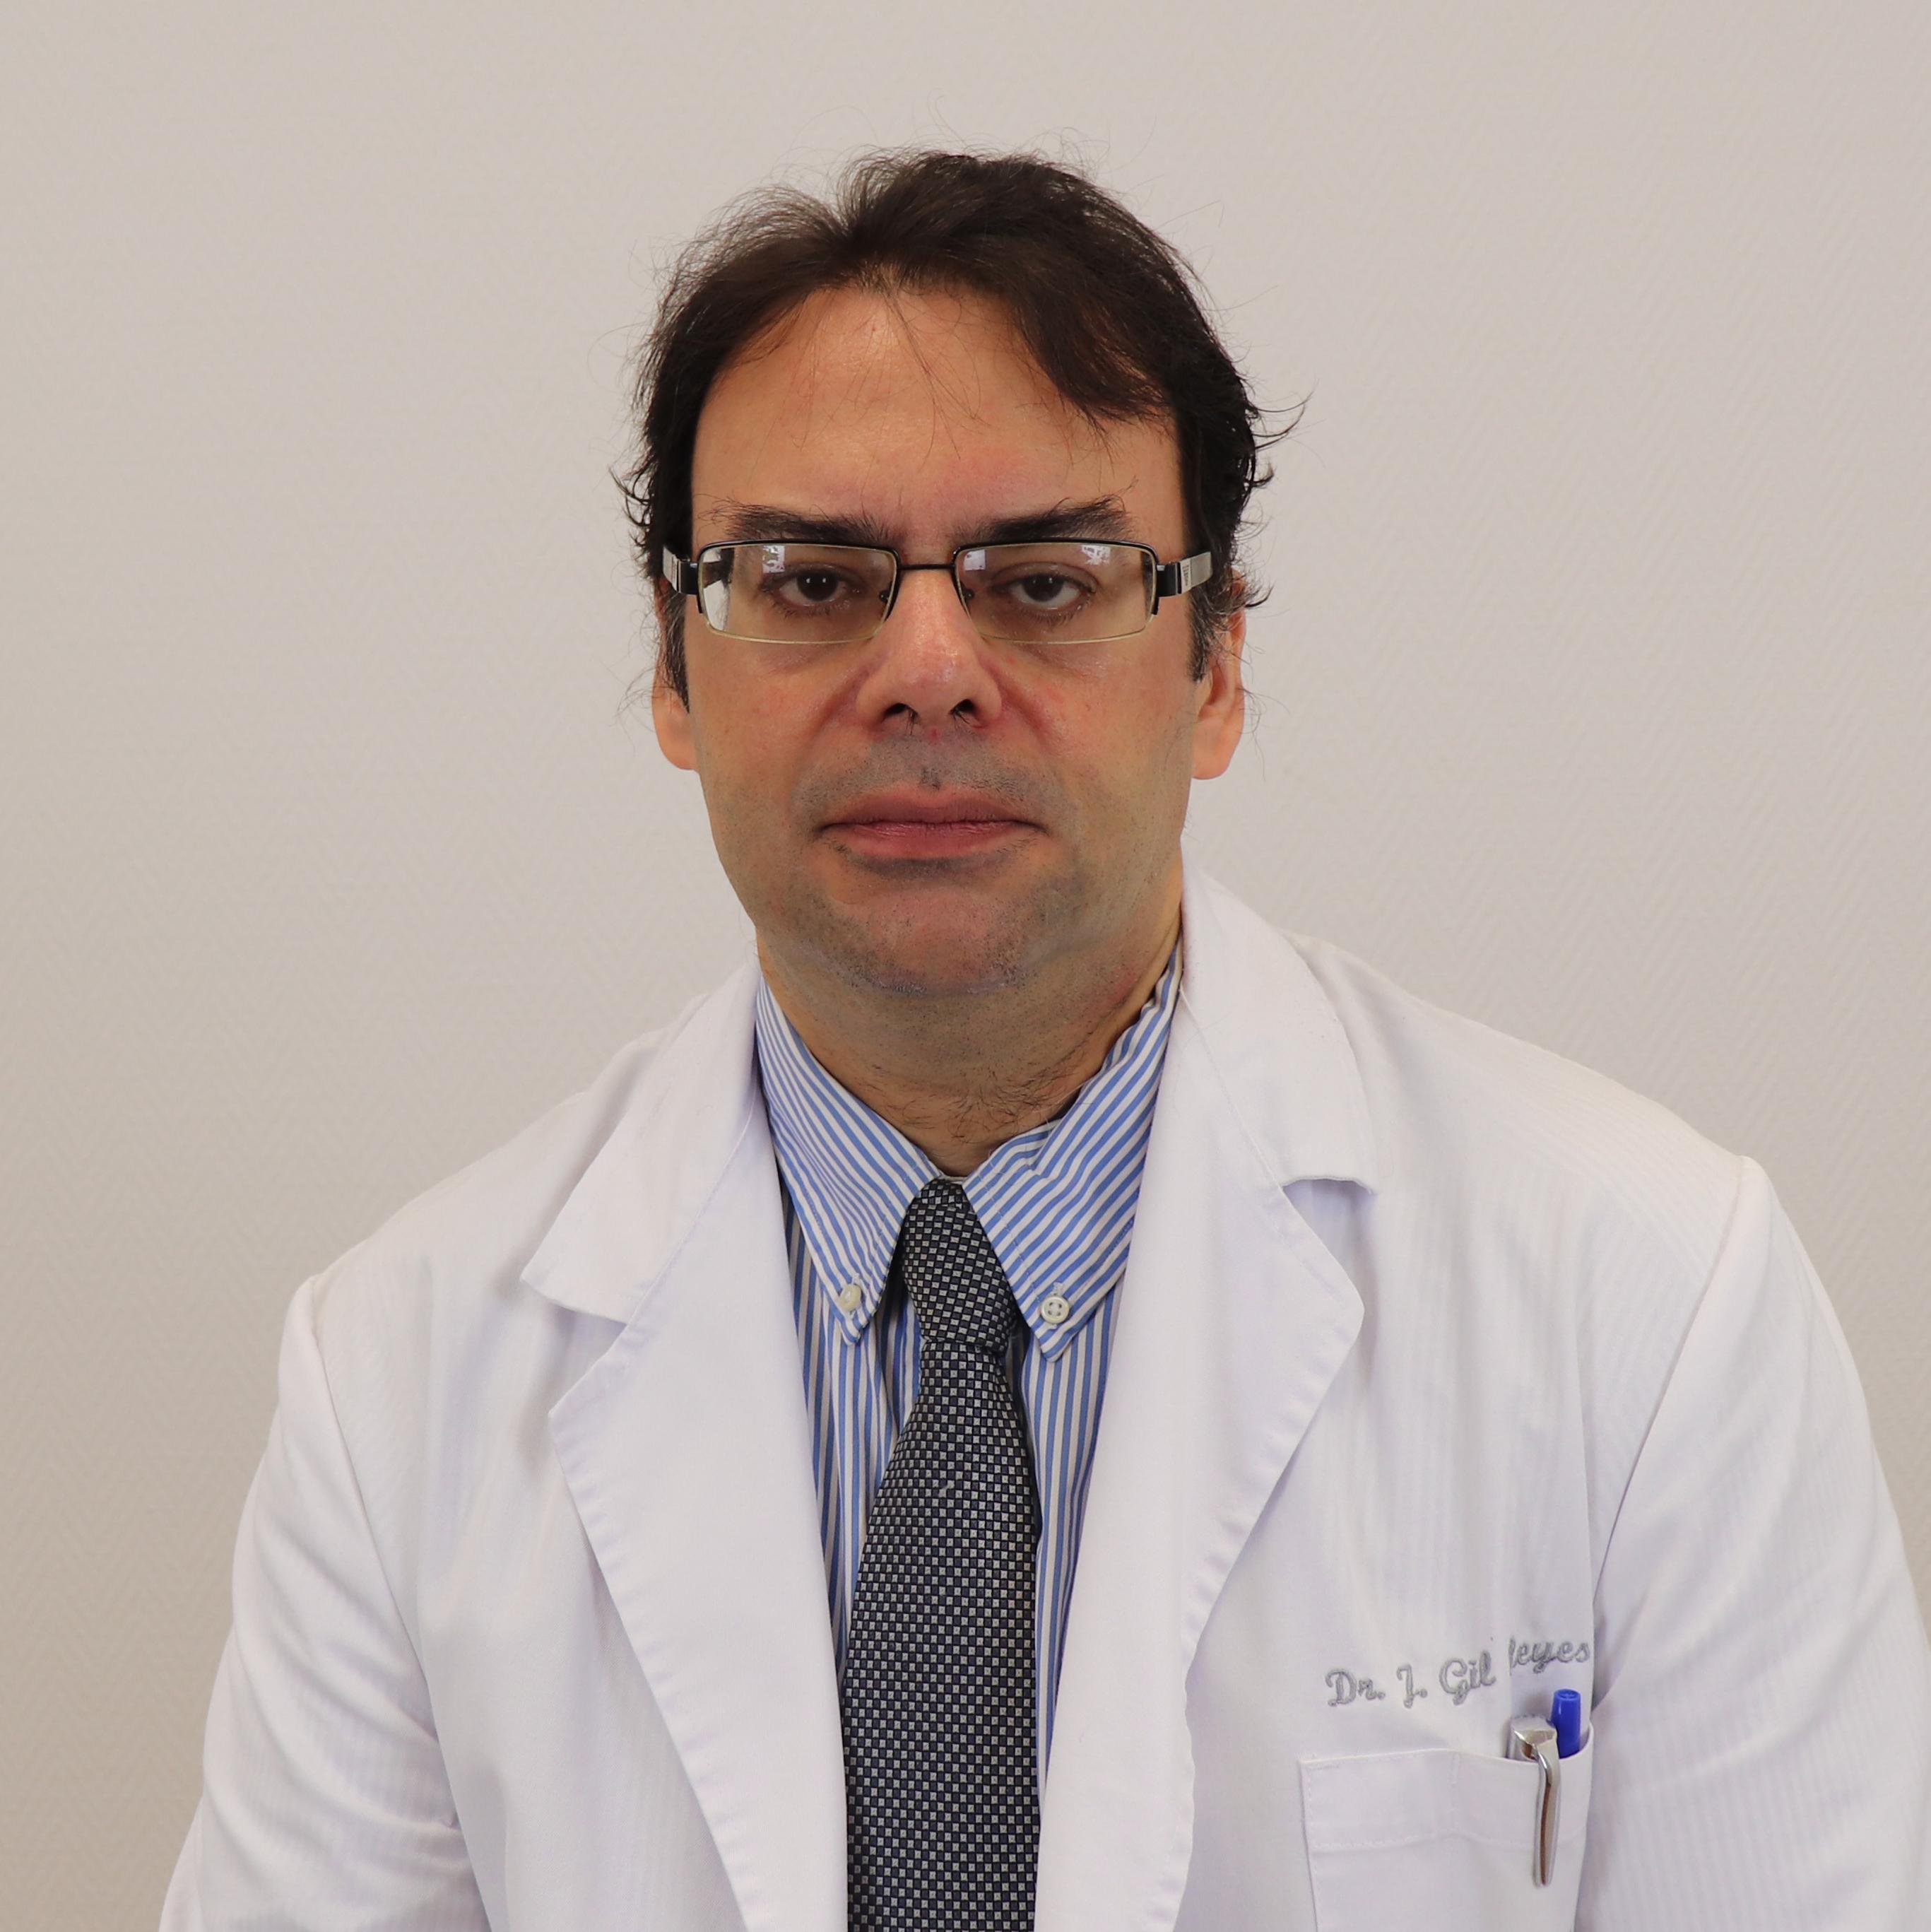 Jose Manuel Gil Reyes